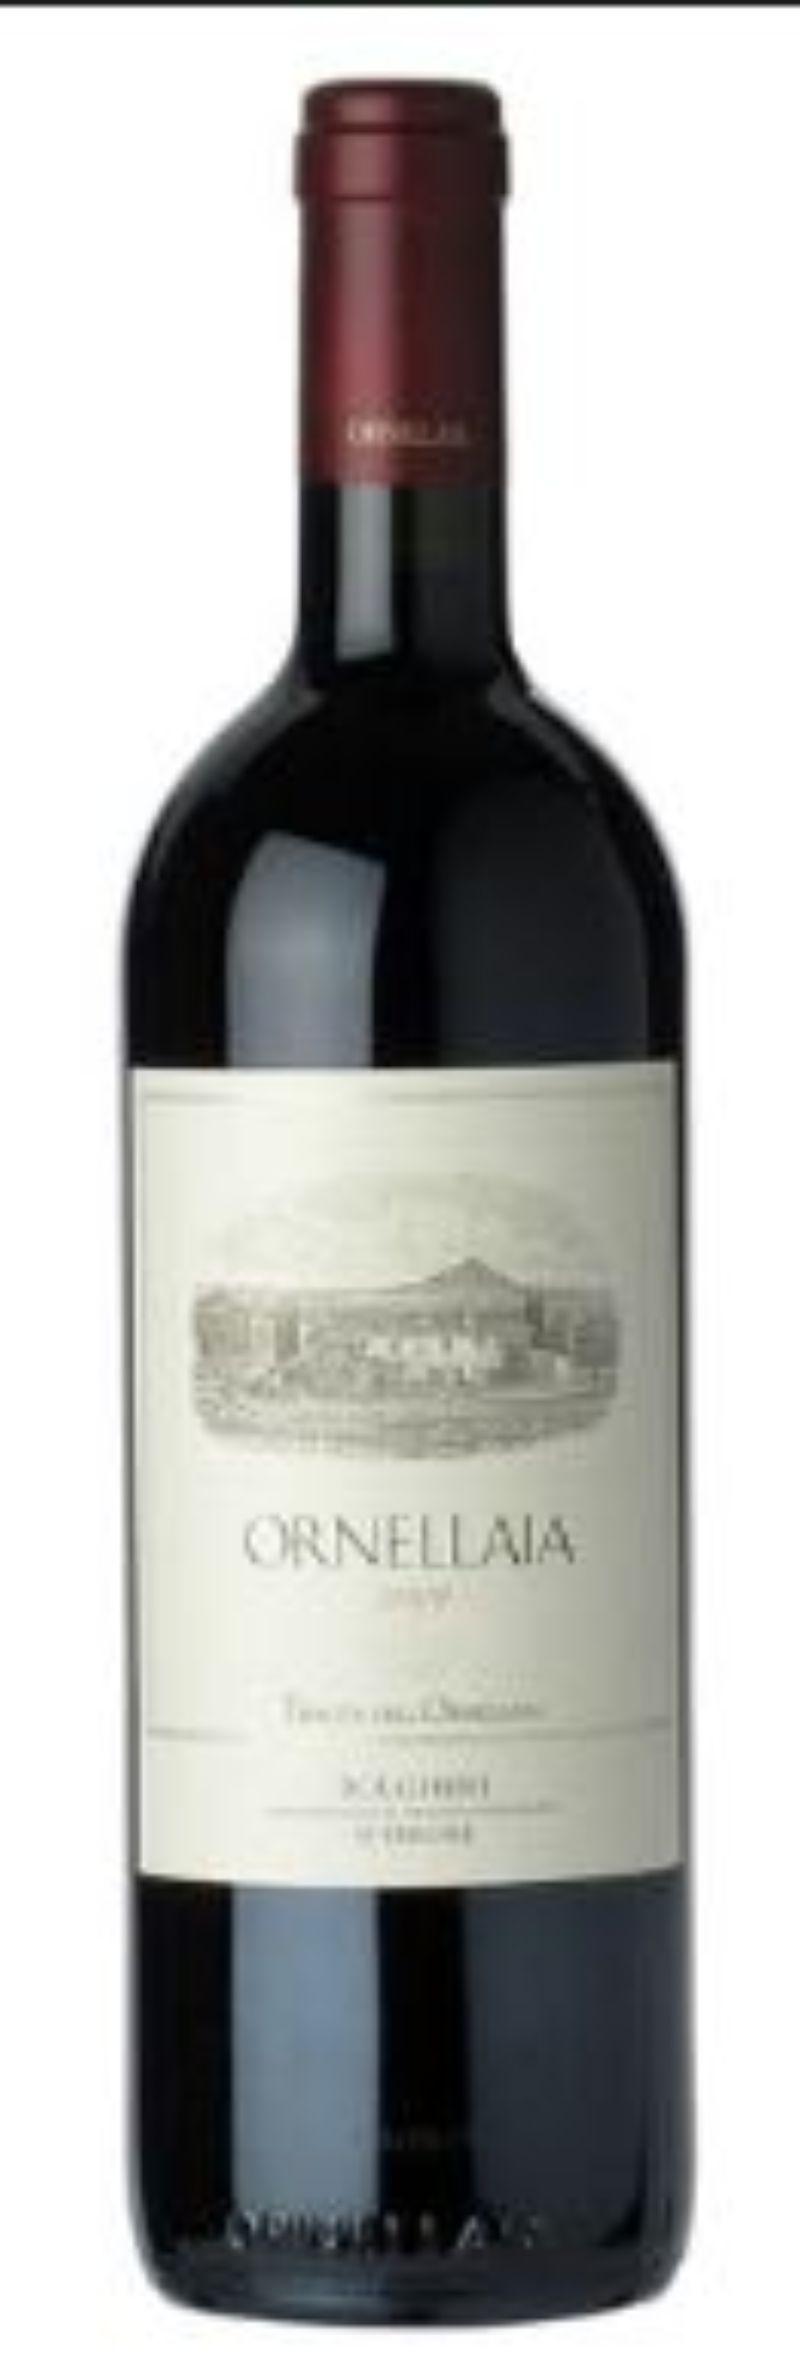 ORNELLAIA-1997